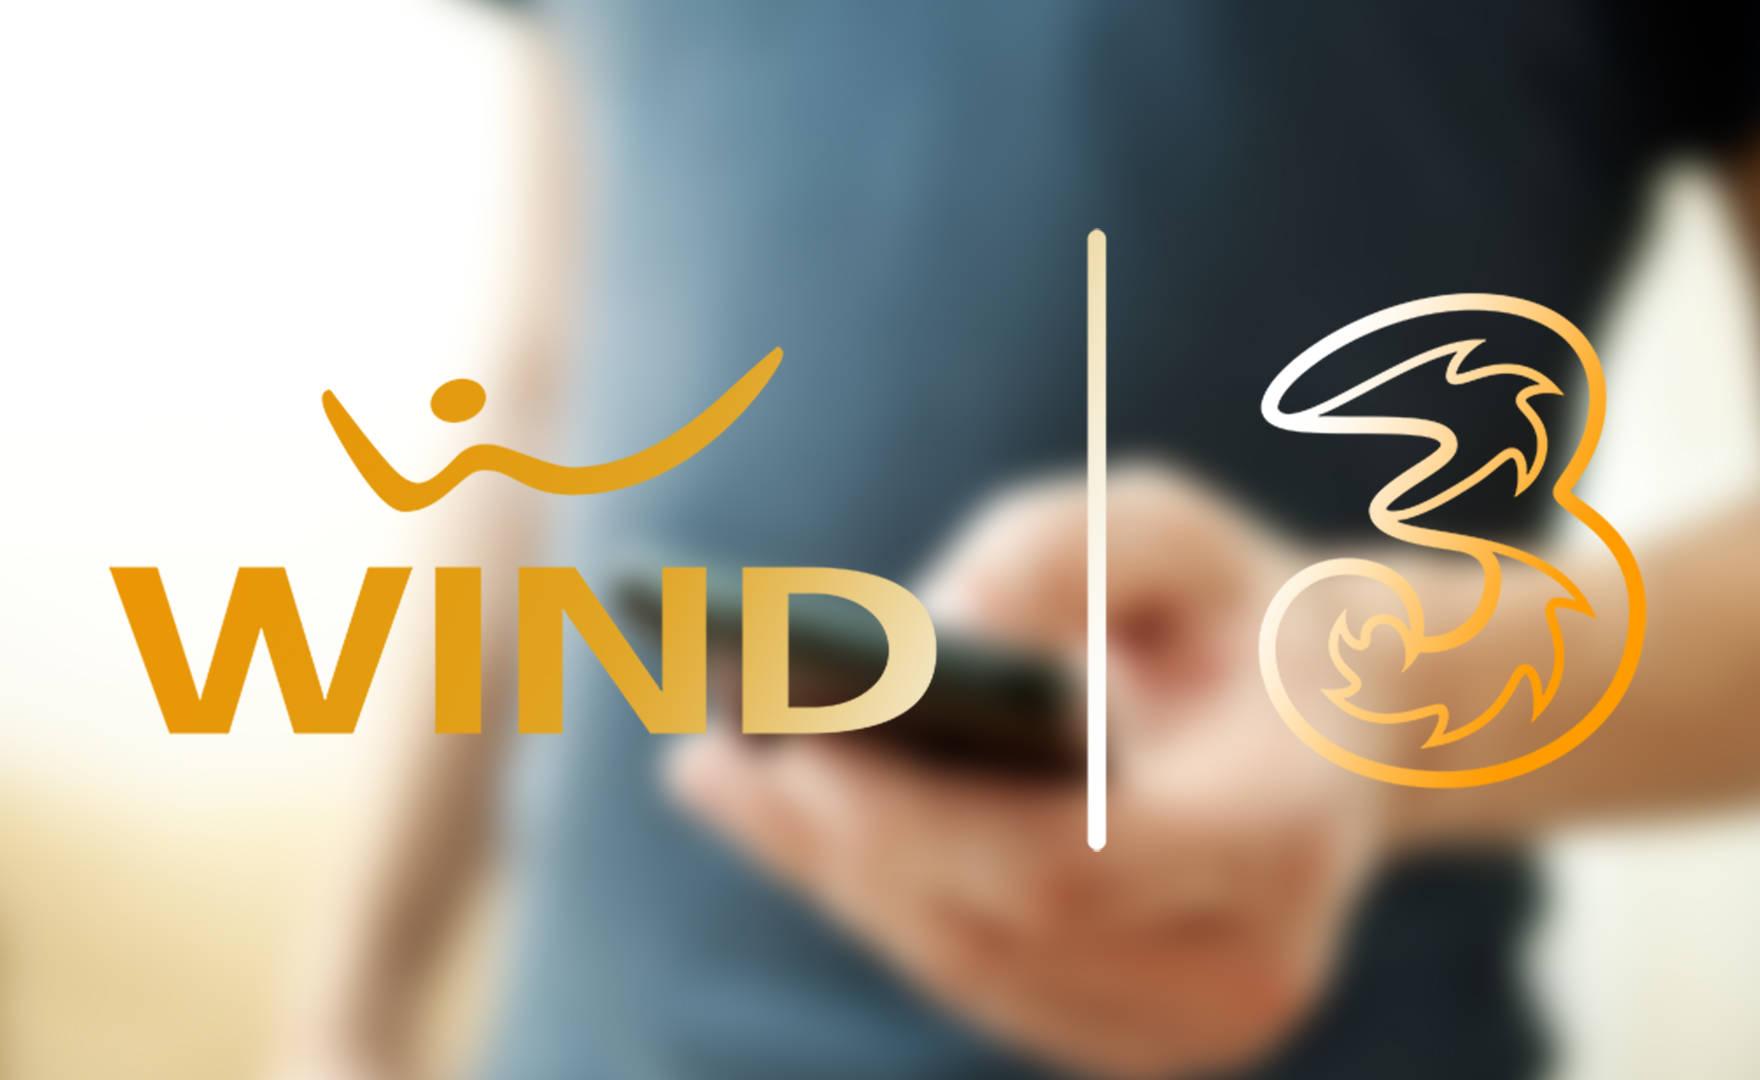 WindTre: blocco automatico dei servizi VAS dal 21 marzo, cosa significa?